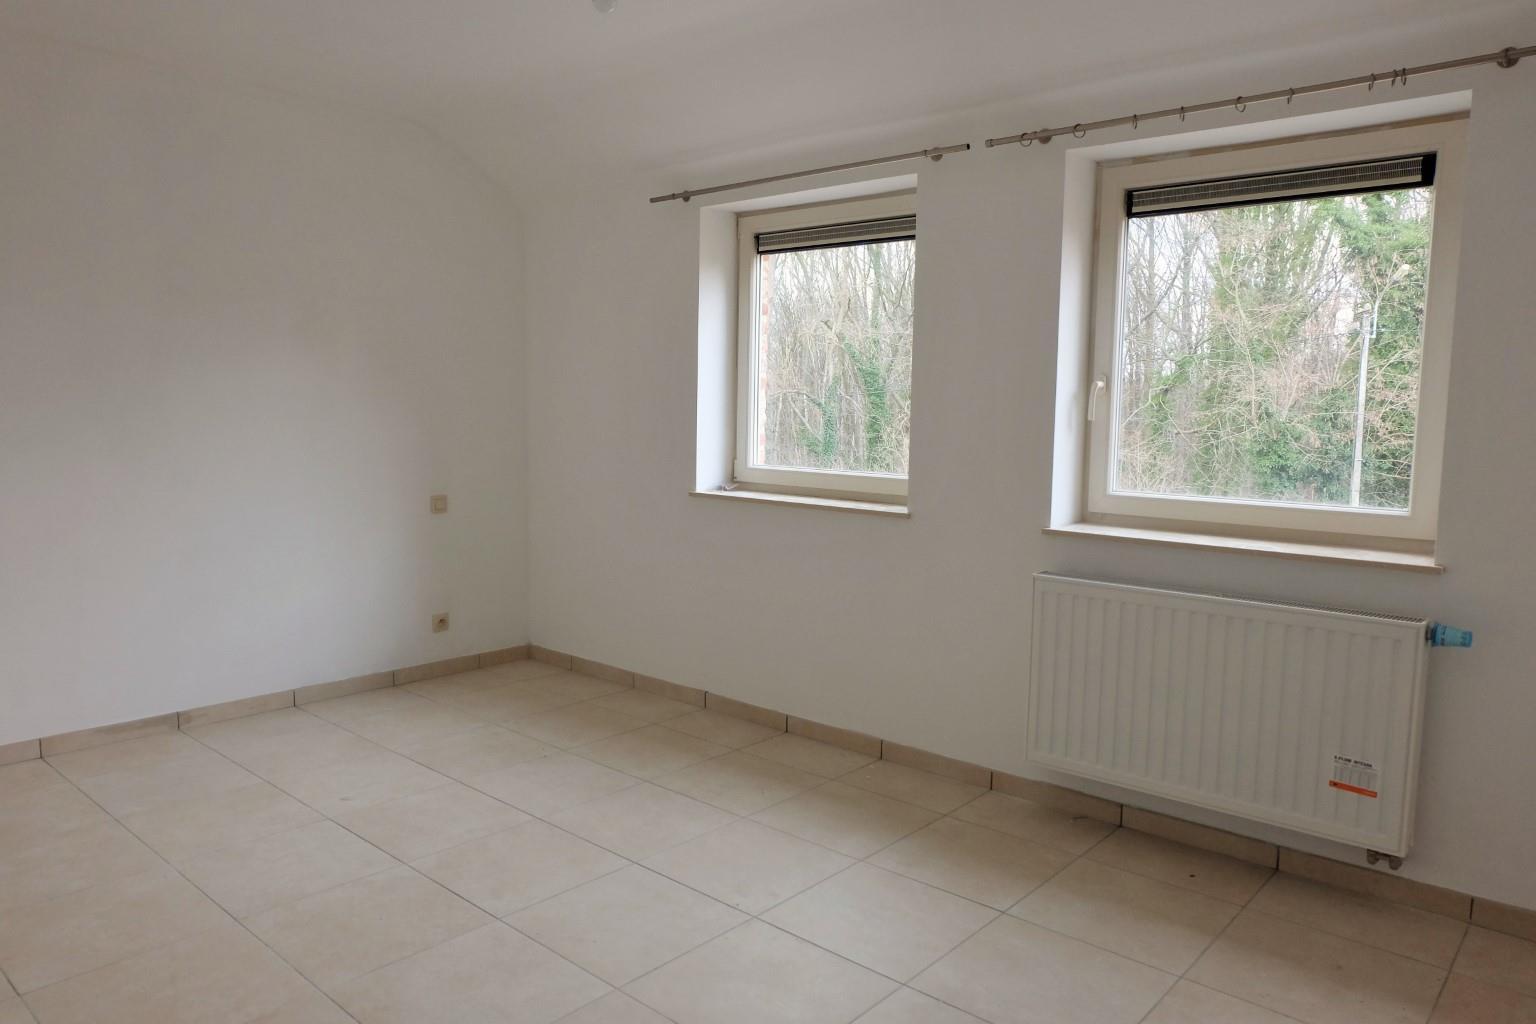 Appartement - Braine-le-Comte Hennuyères - #2181184-5